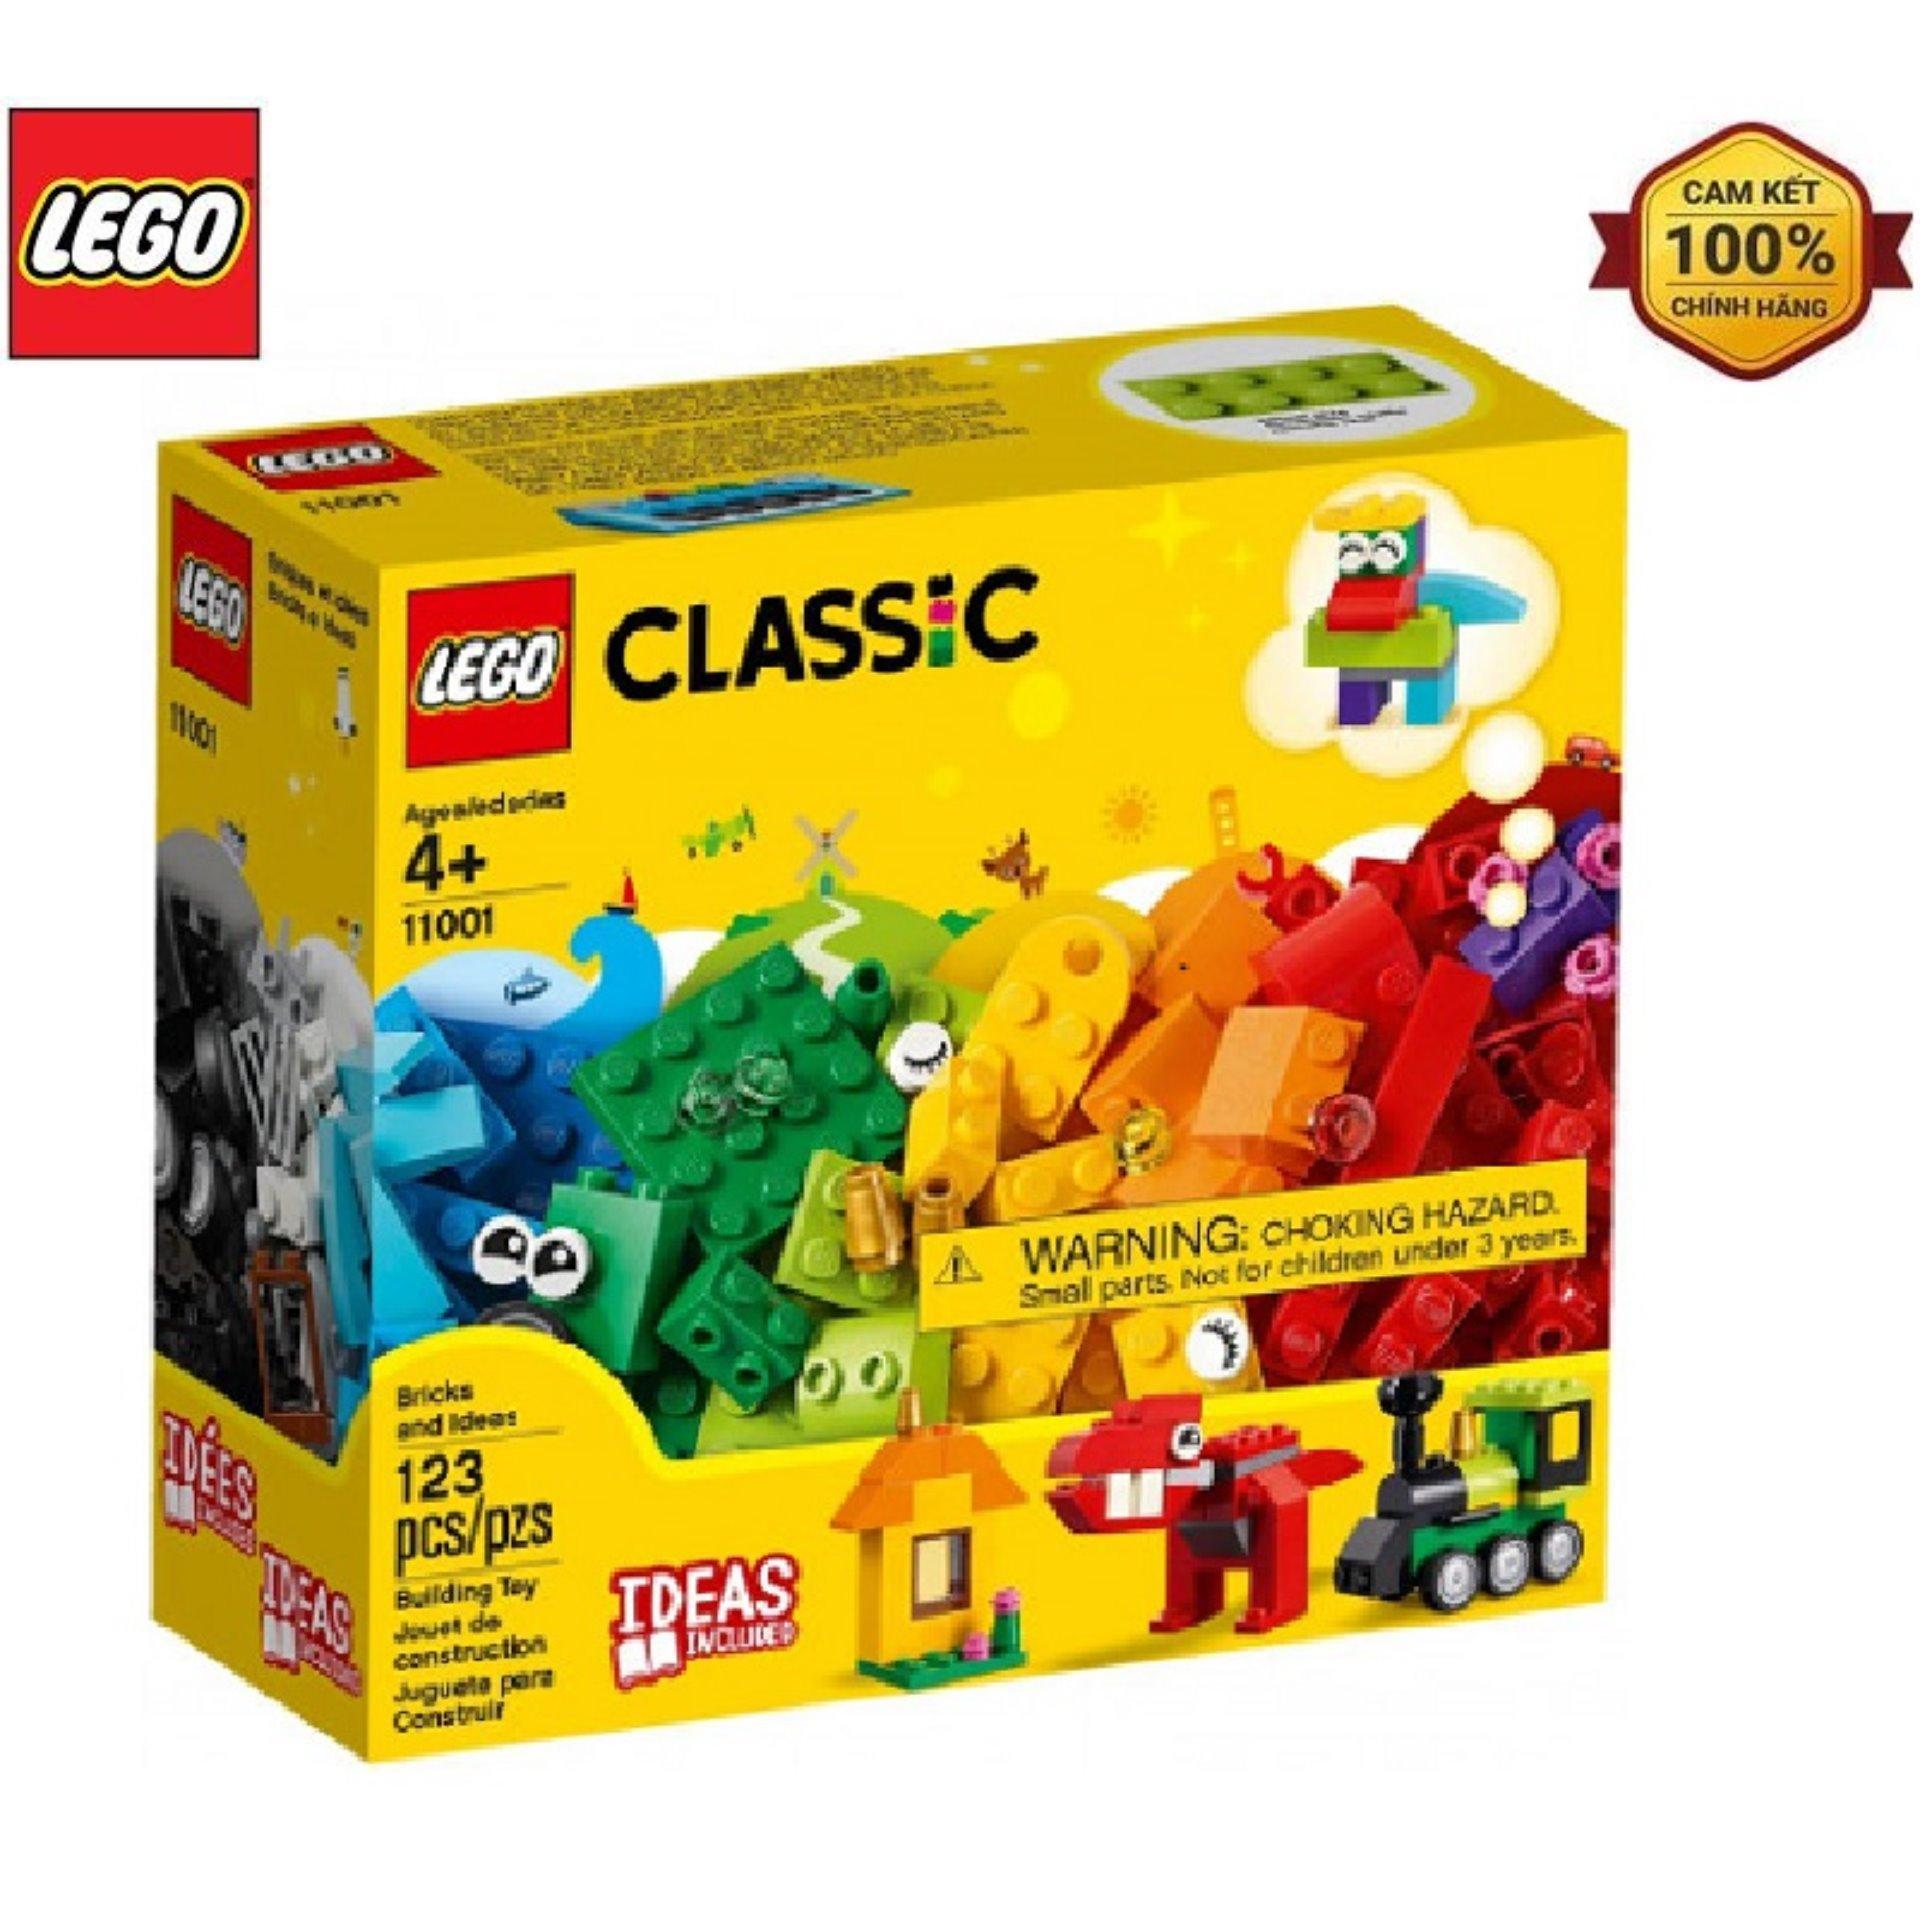 LEGO Classic Bộ Gạch Ý Tưởng 11001 - 123 Chi Tiết Ưu Đãi Bất Ngờ